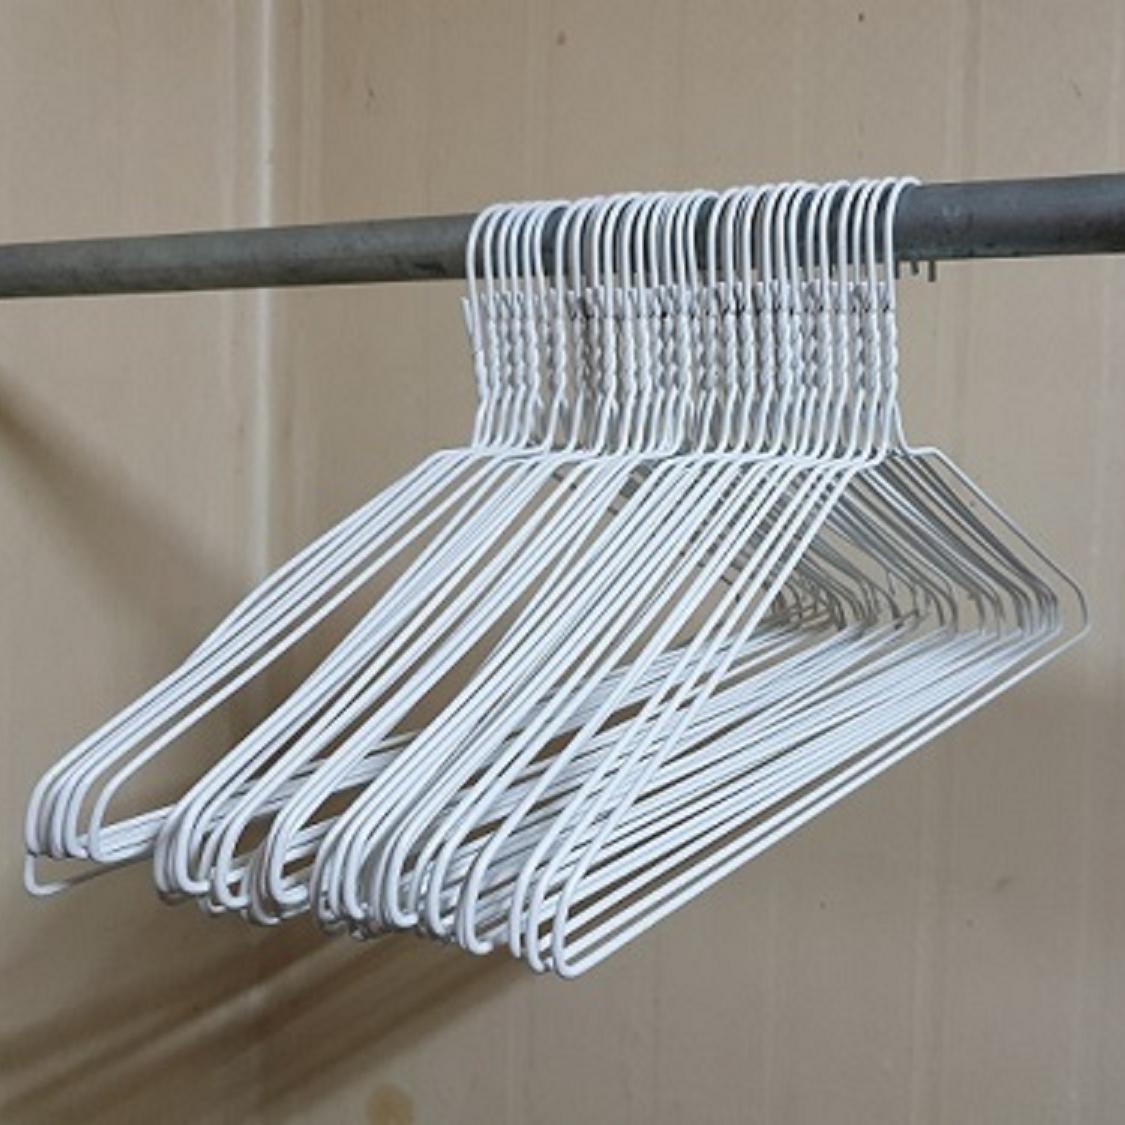 마이피플 세탁소 옷걸이100개+바지걸이종이대10EA 옷걸이, 100개입, 화이트